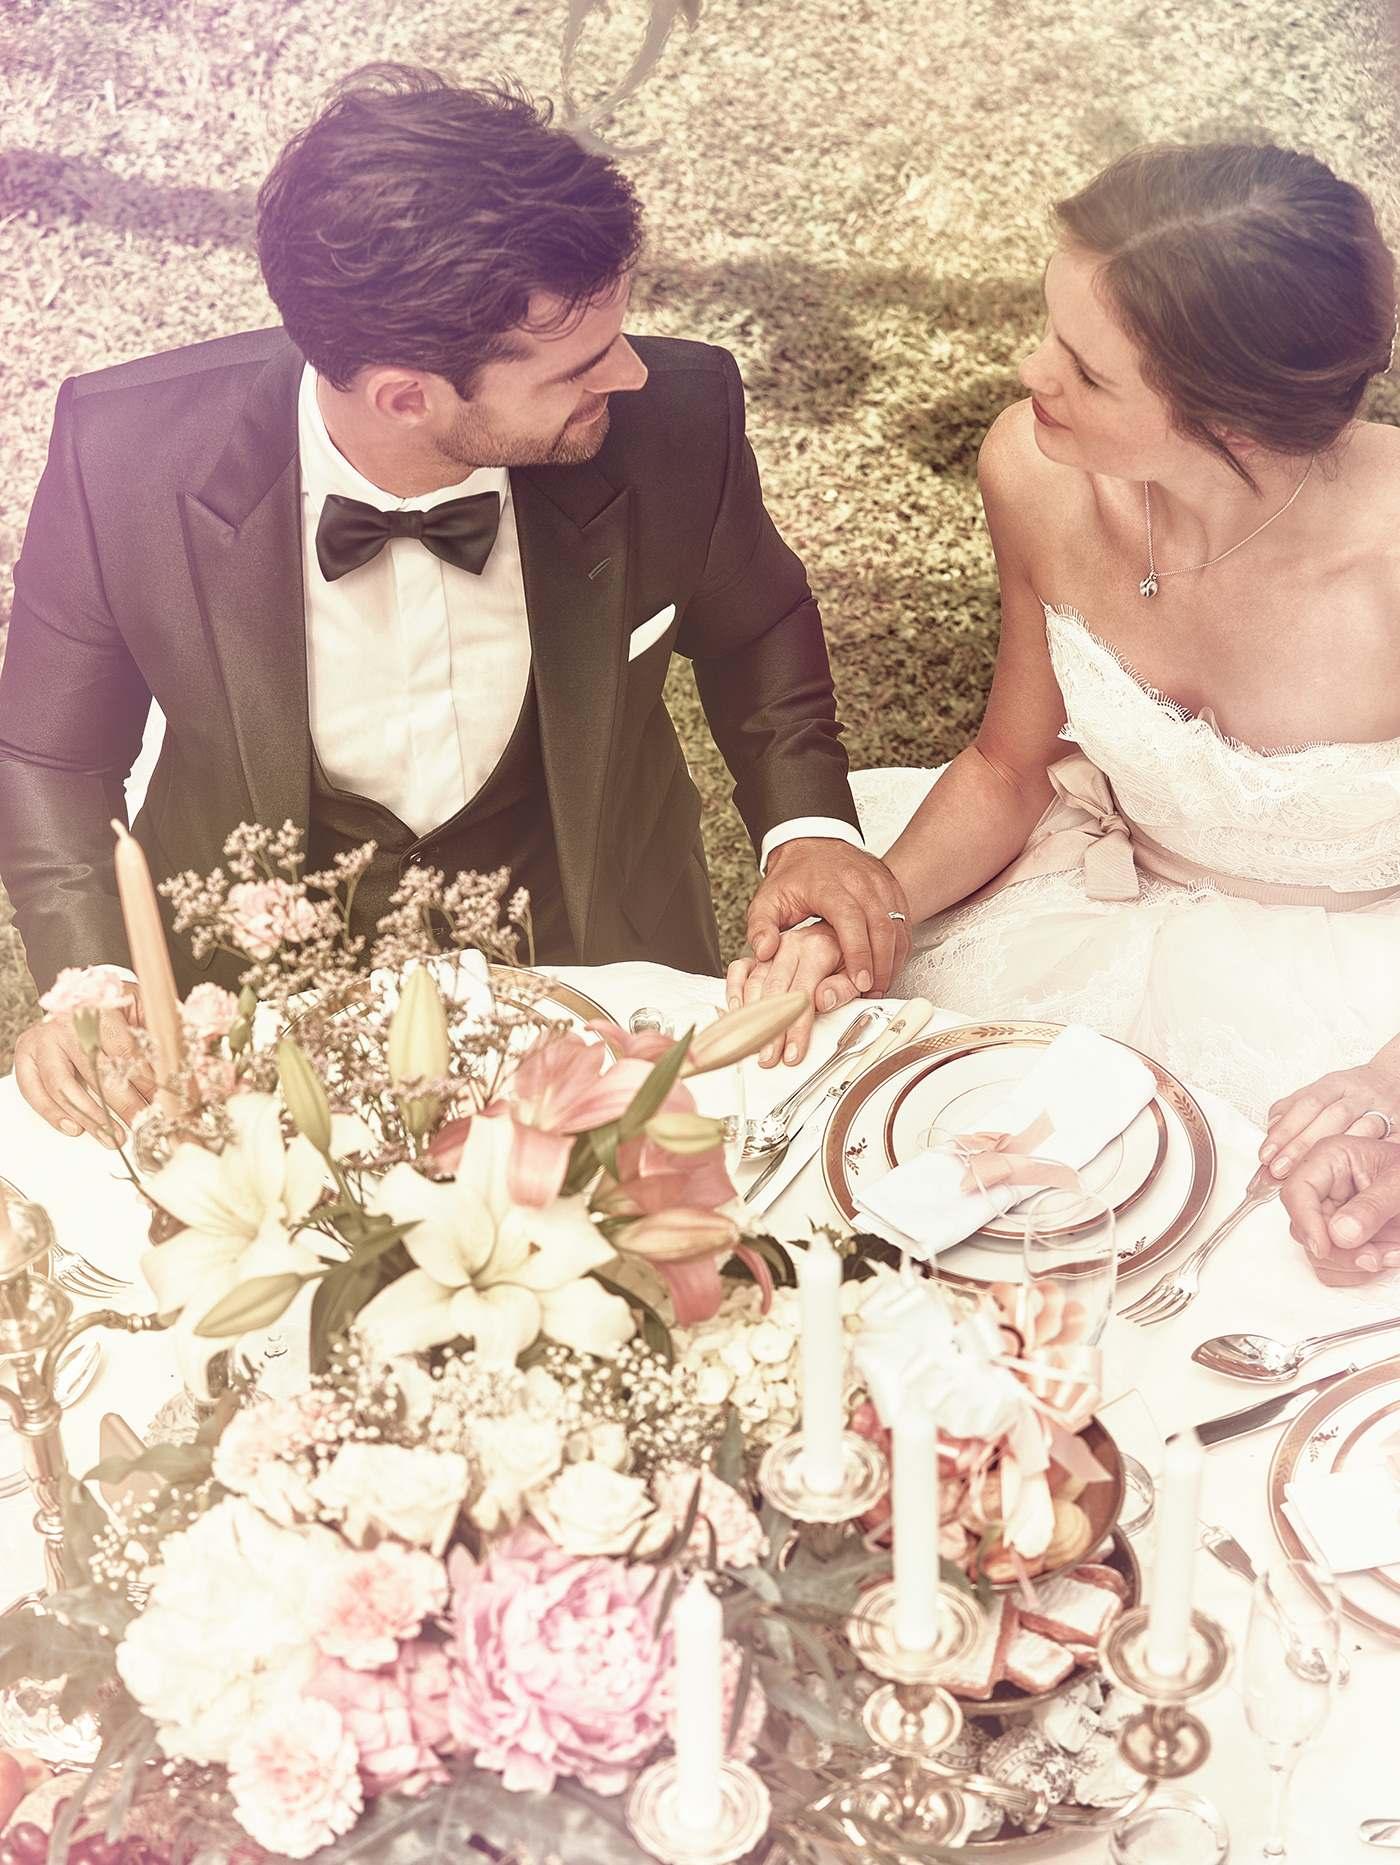 frisch verheiratetes paar mit meister ringen haelt haende